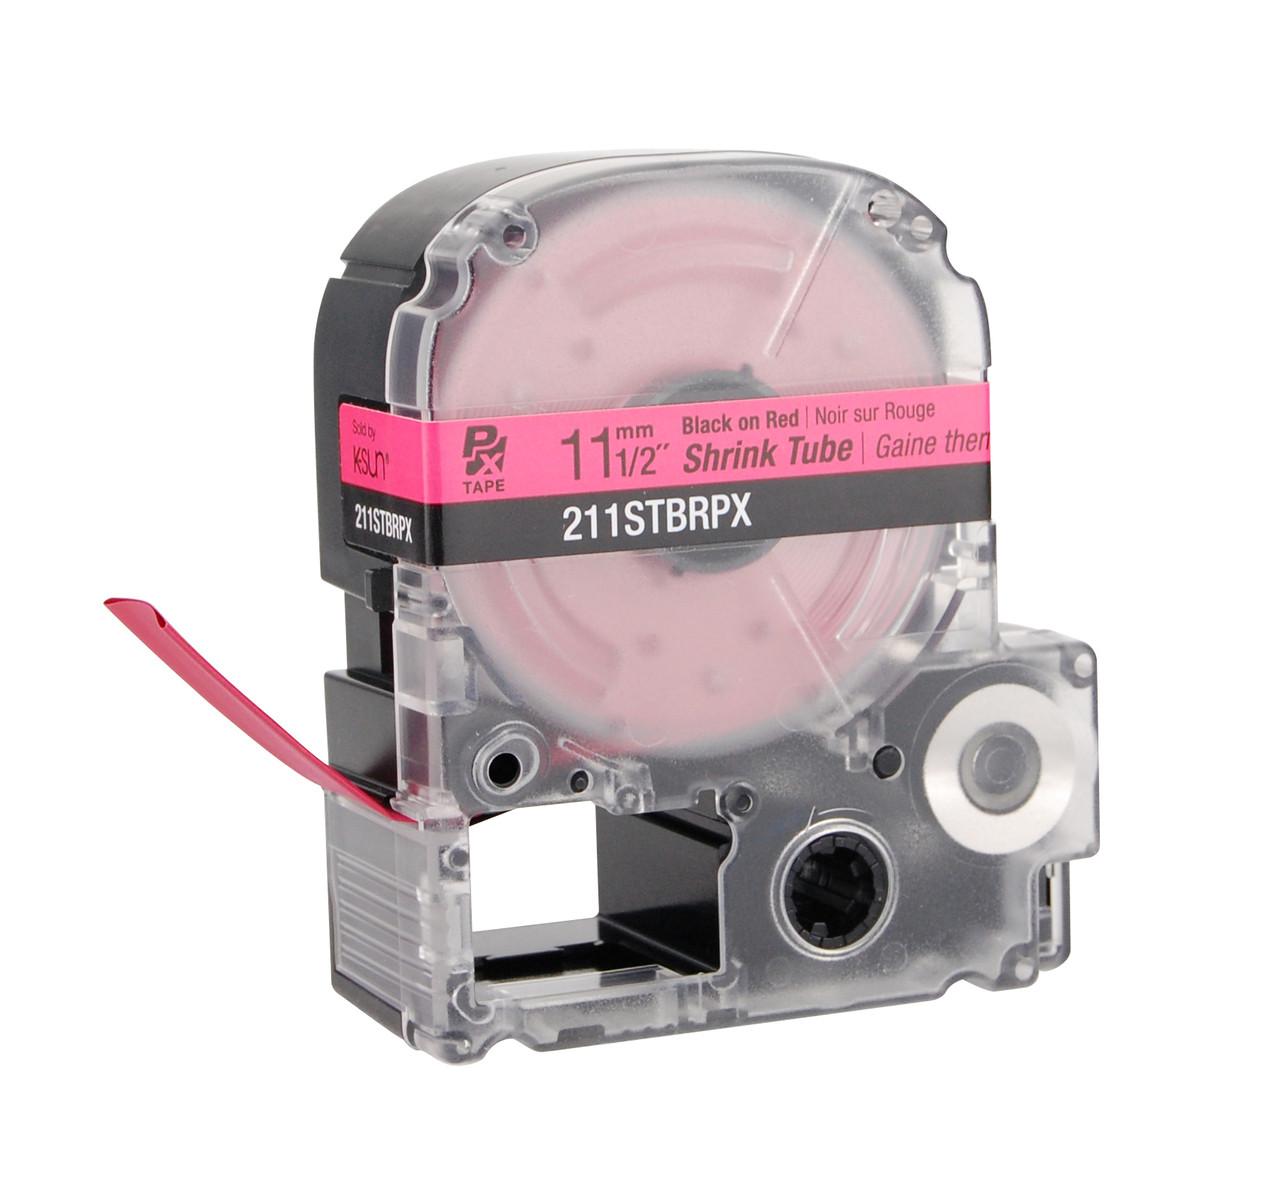 """Epson 211STBRPX 1/2"""" Red Matte Heat Shrink Tube PX Tape"""